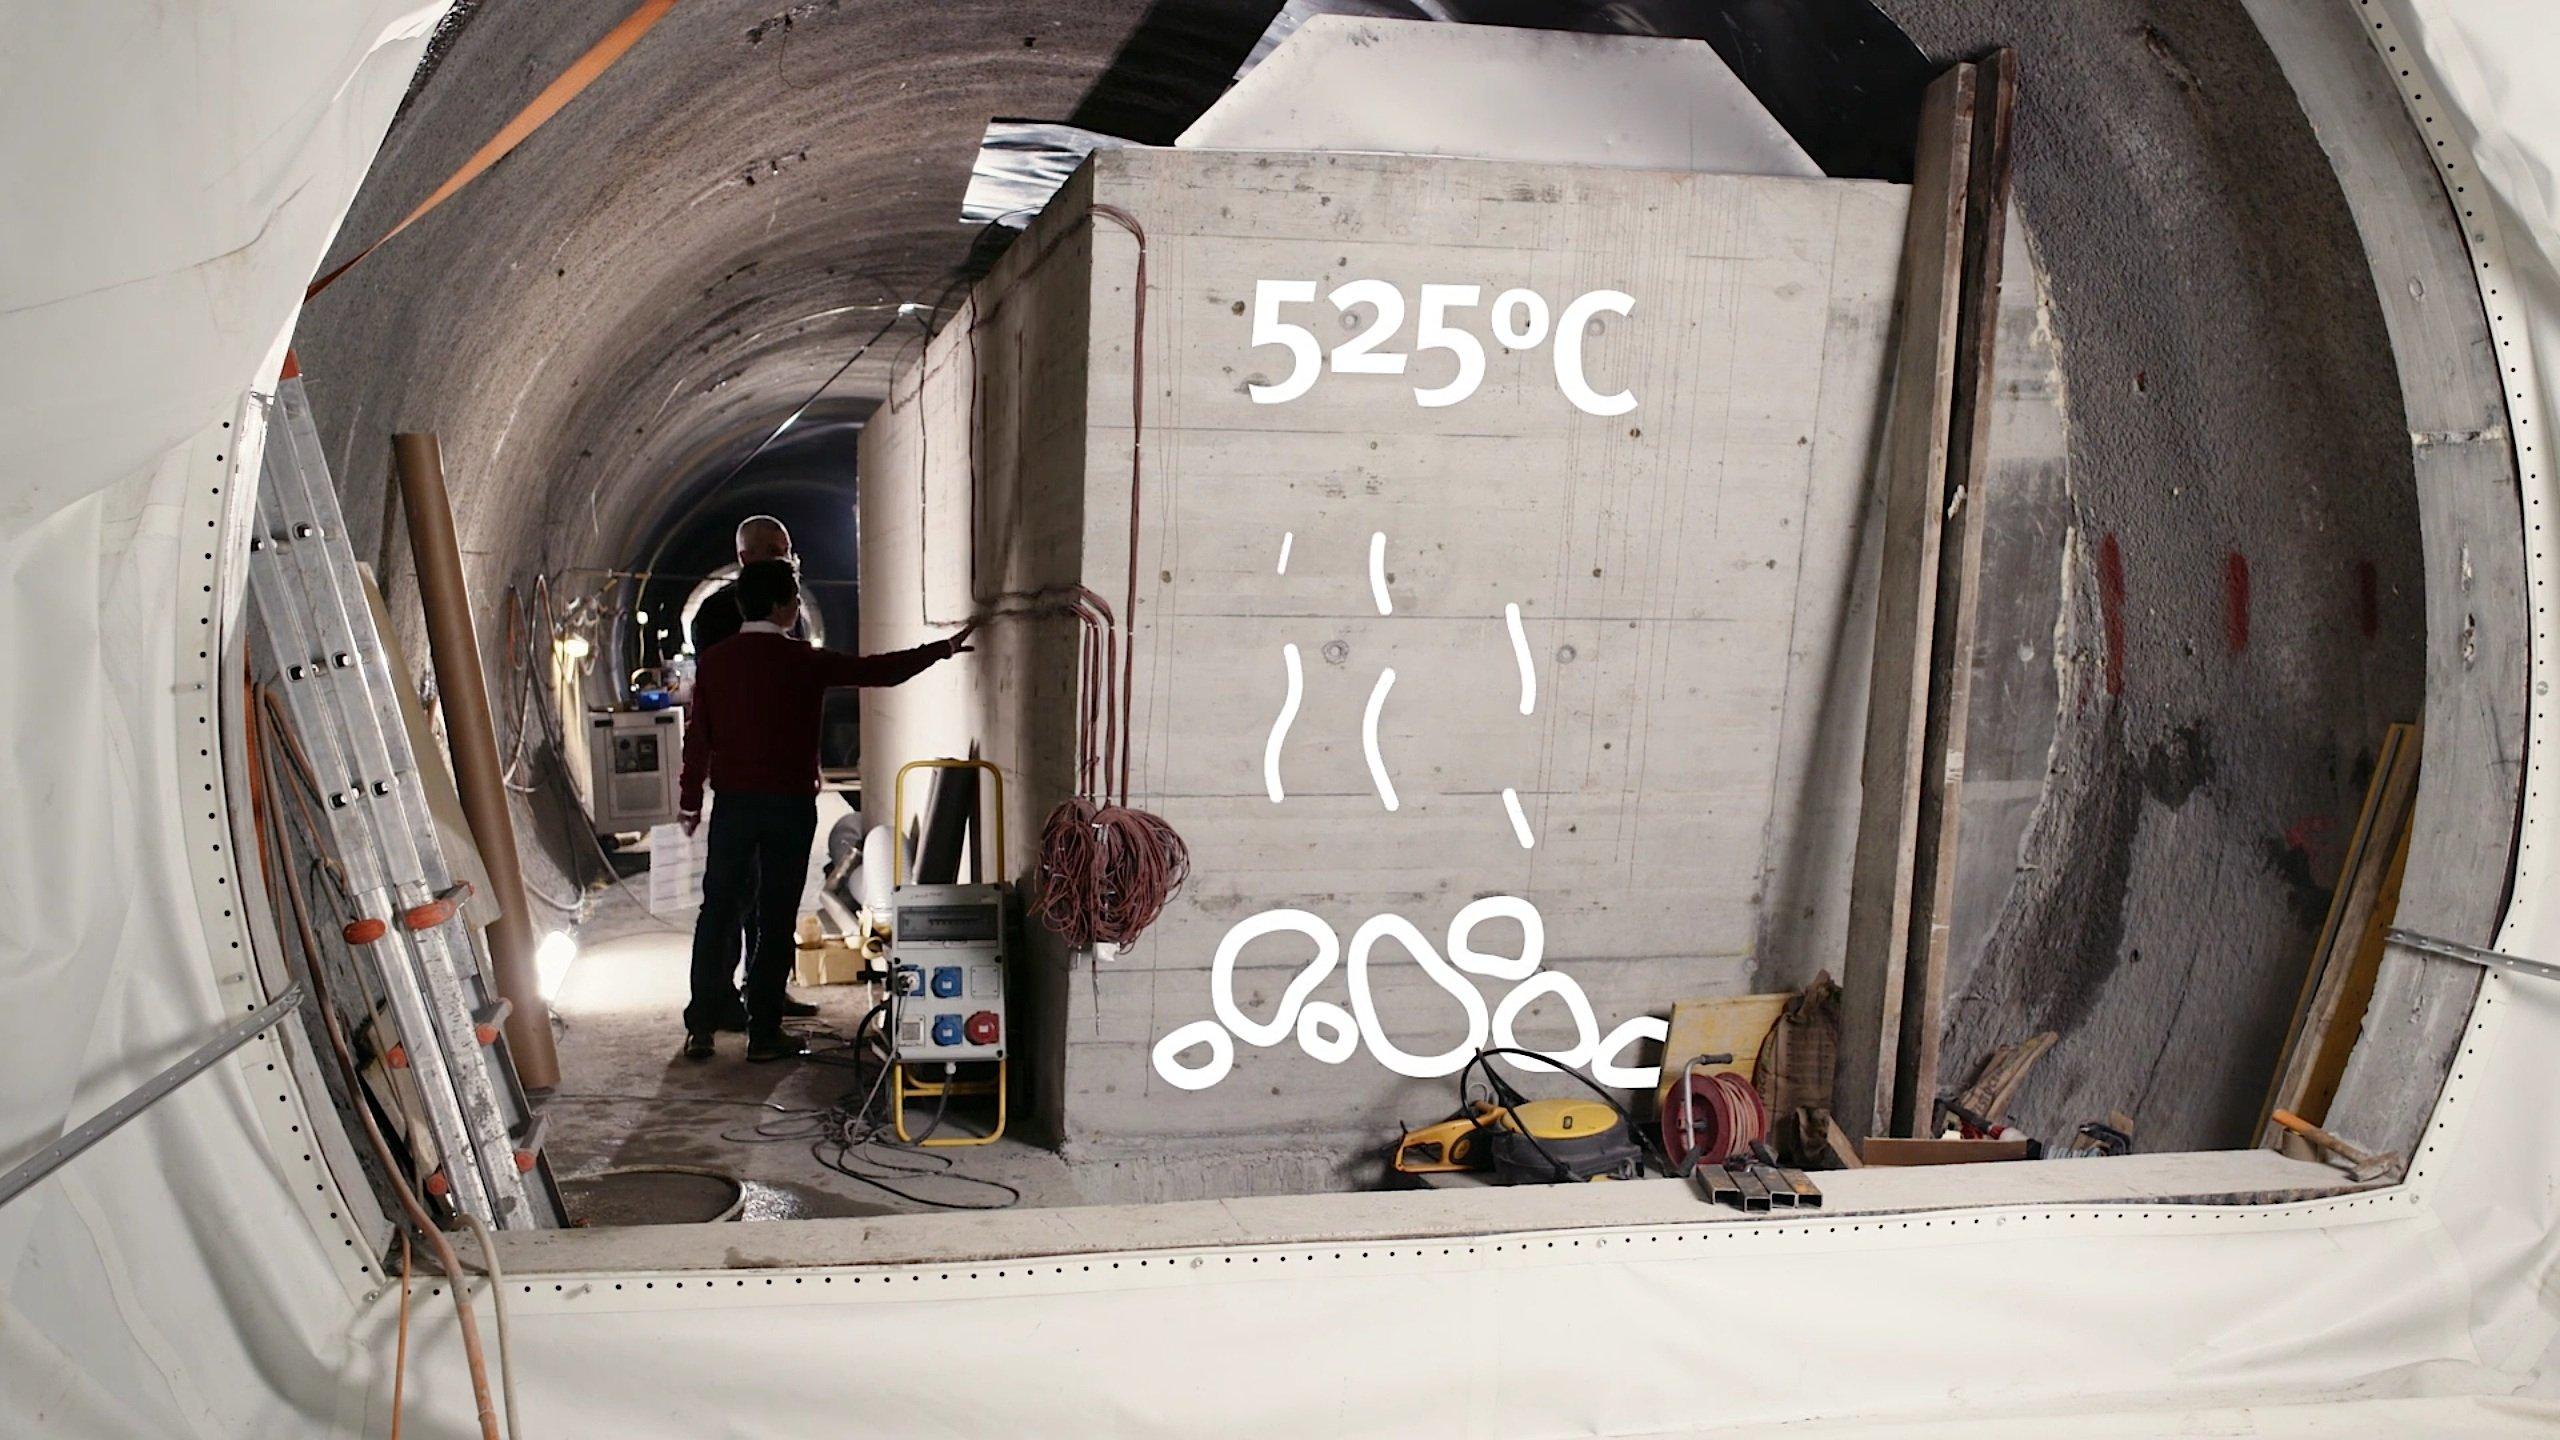 Bei der Kompression der Luft entstehenTemperaturen von bis zu 550 °C. Durch die Speicherung dieser Energie in einem Raum, der mit Steinen gefüllt ist, lässt sich die Energie später wieder nutzen. Dadurch wollen die Schweizer Ingenieure einen Wirkungsgrad von bis zu 72 % erreichen.